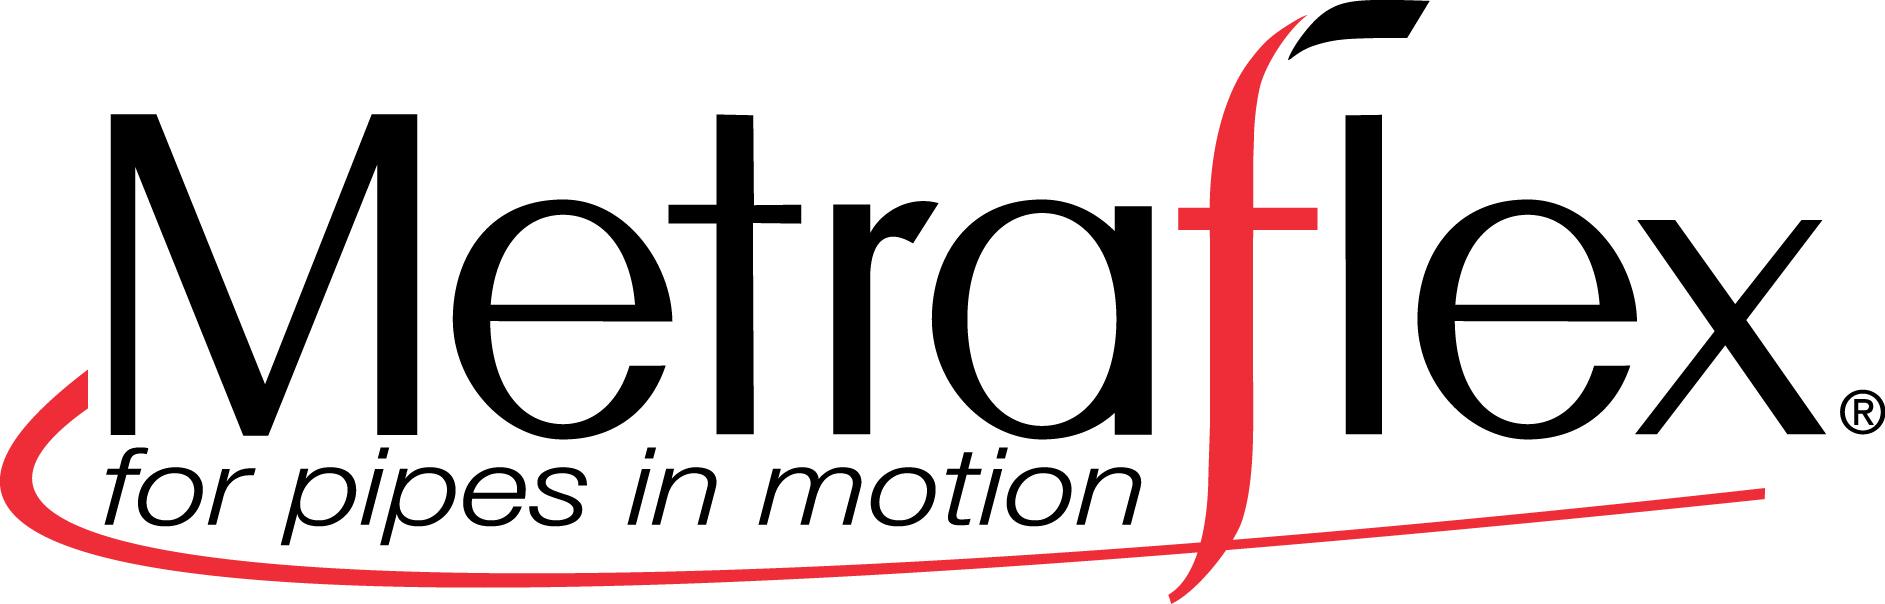 metraflex master logo